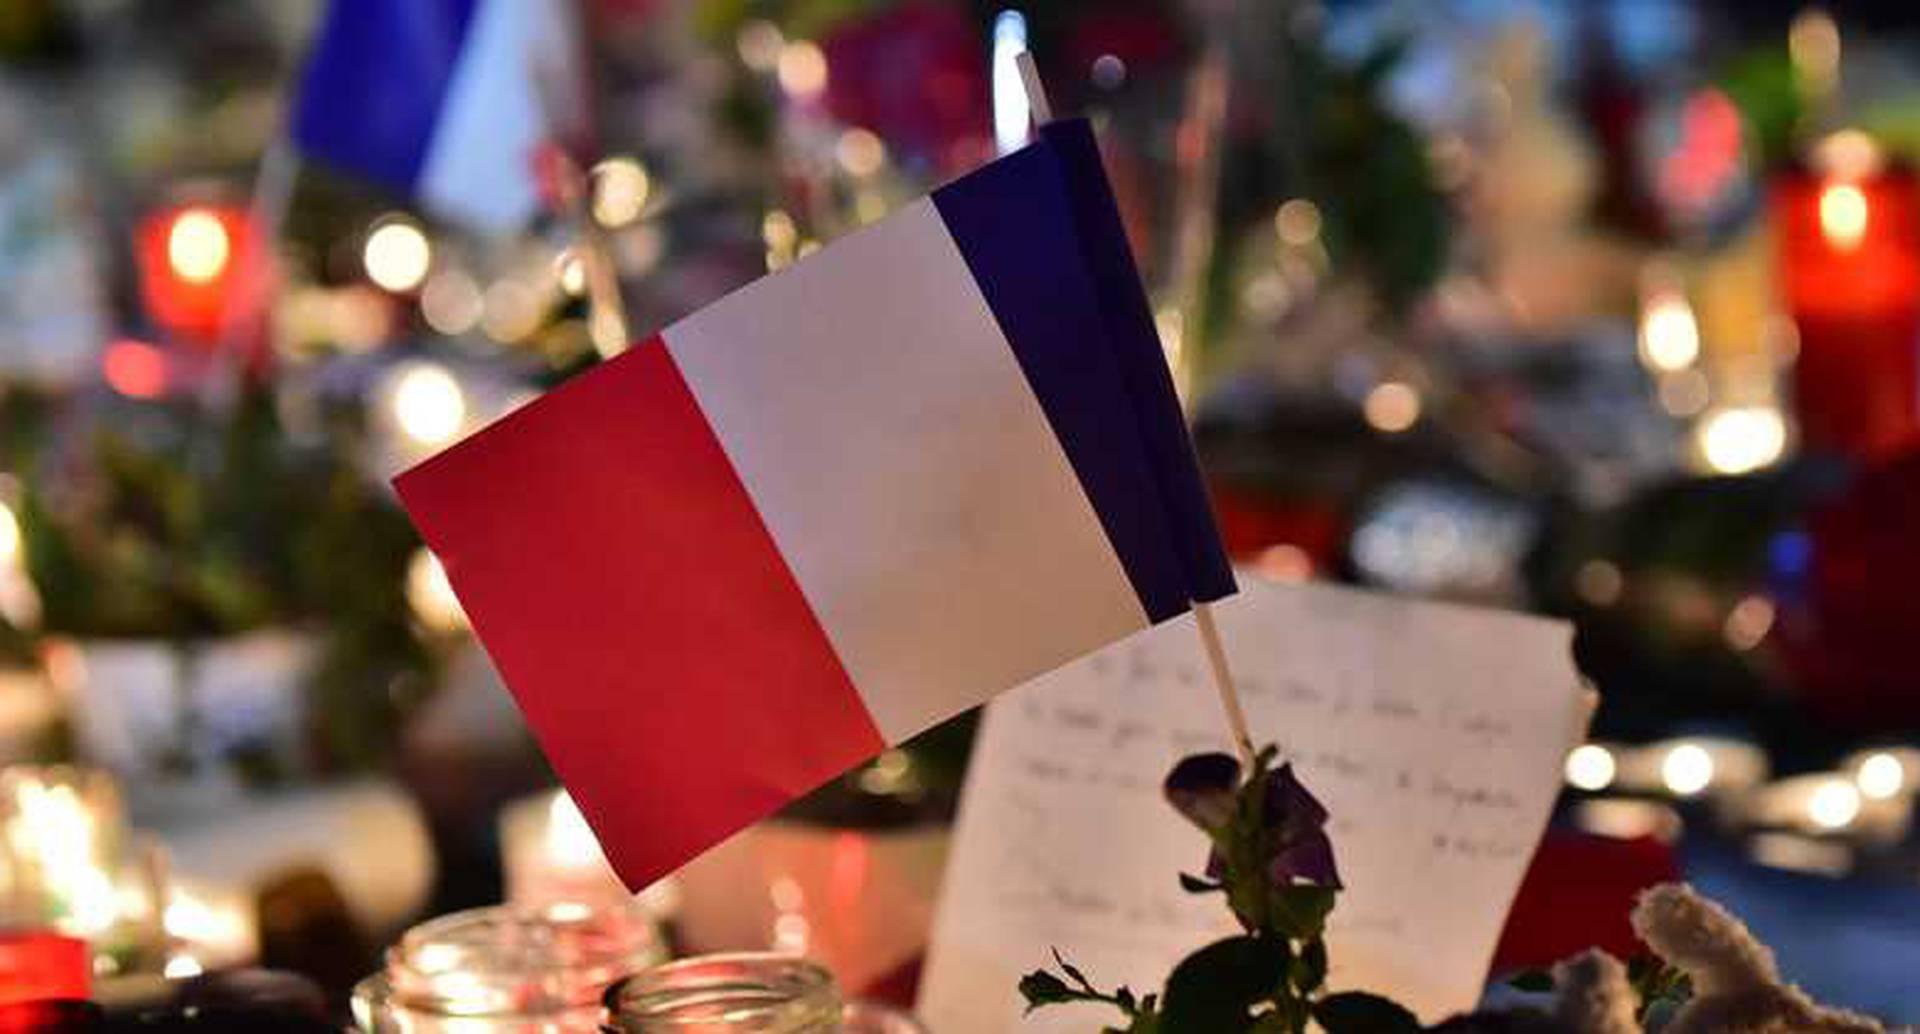 En Francia, un camión atropelló y mató a casi 100 personas en la ciudad de Niza durante la celebración de la fiesta nacional de ese país.